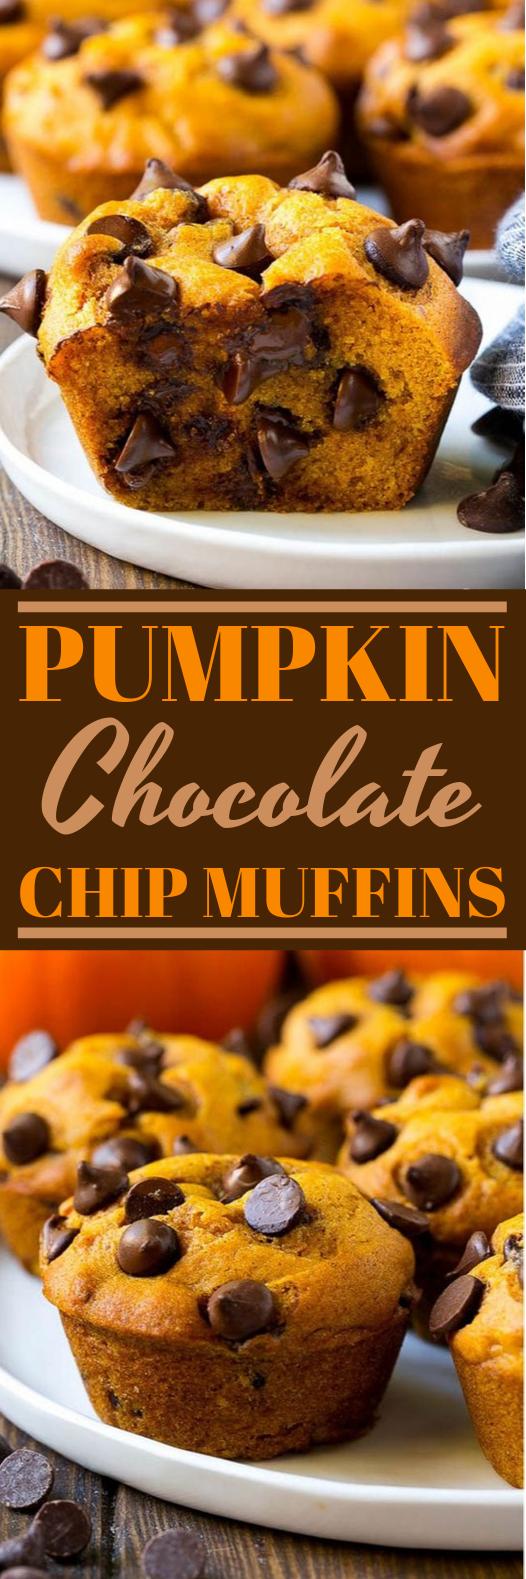 Pumpkin Chocolate Chip Muffins #muffins #baking